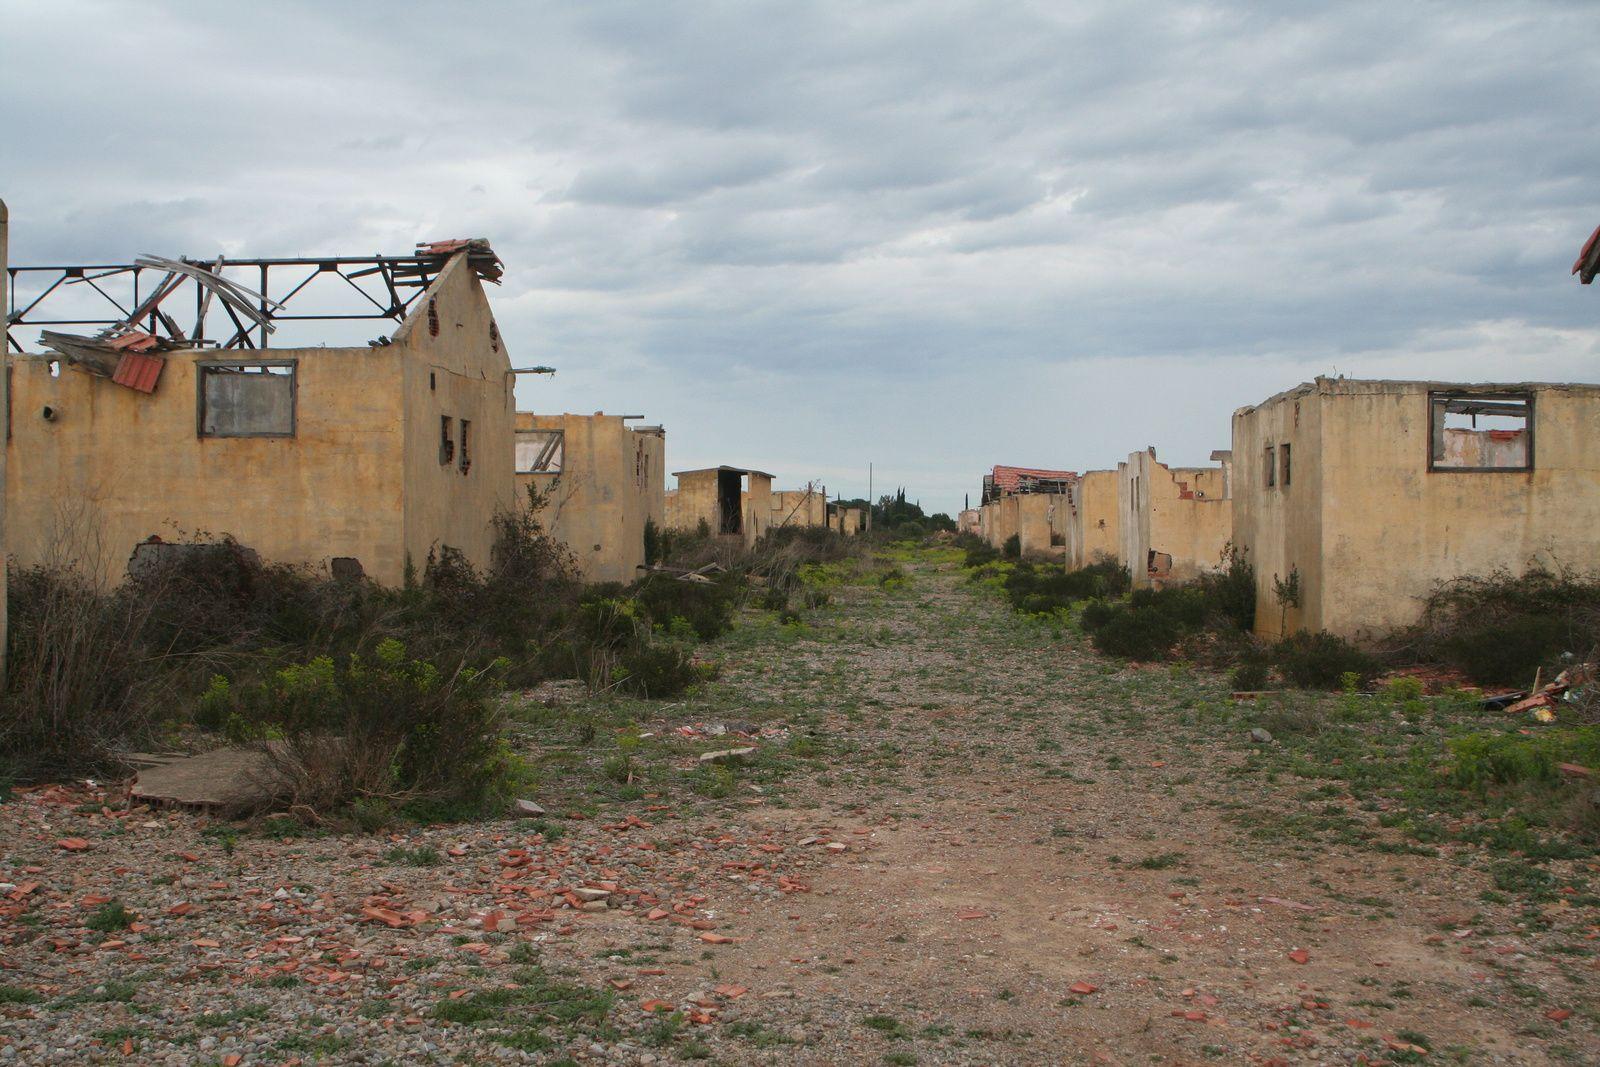 Le camp de Rivesaltes : de l'oubli à la mémoire